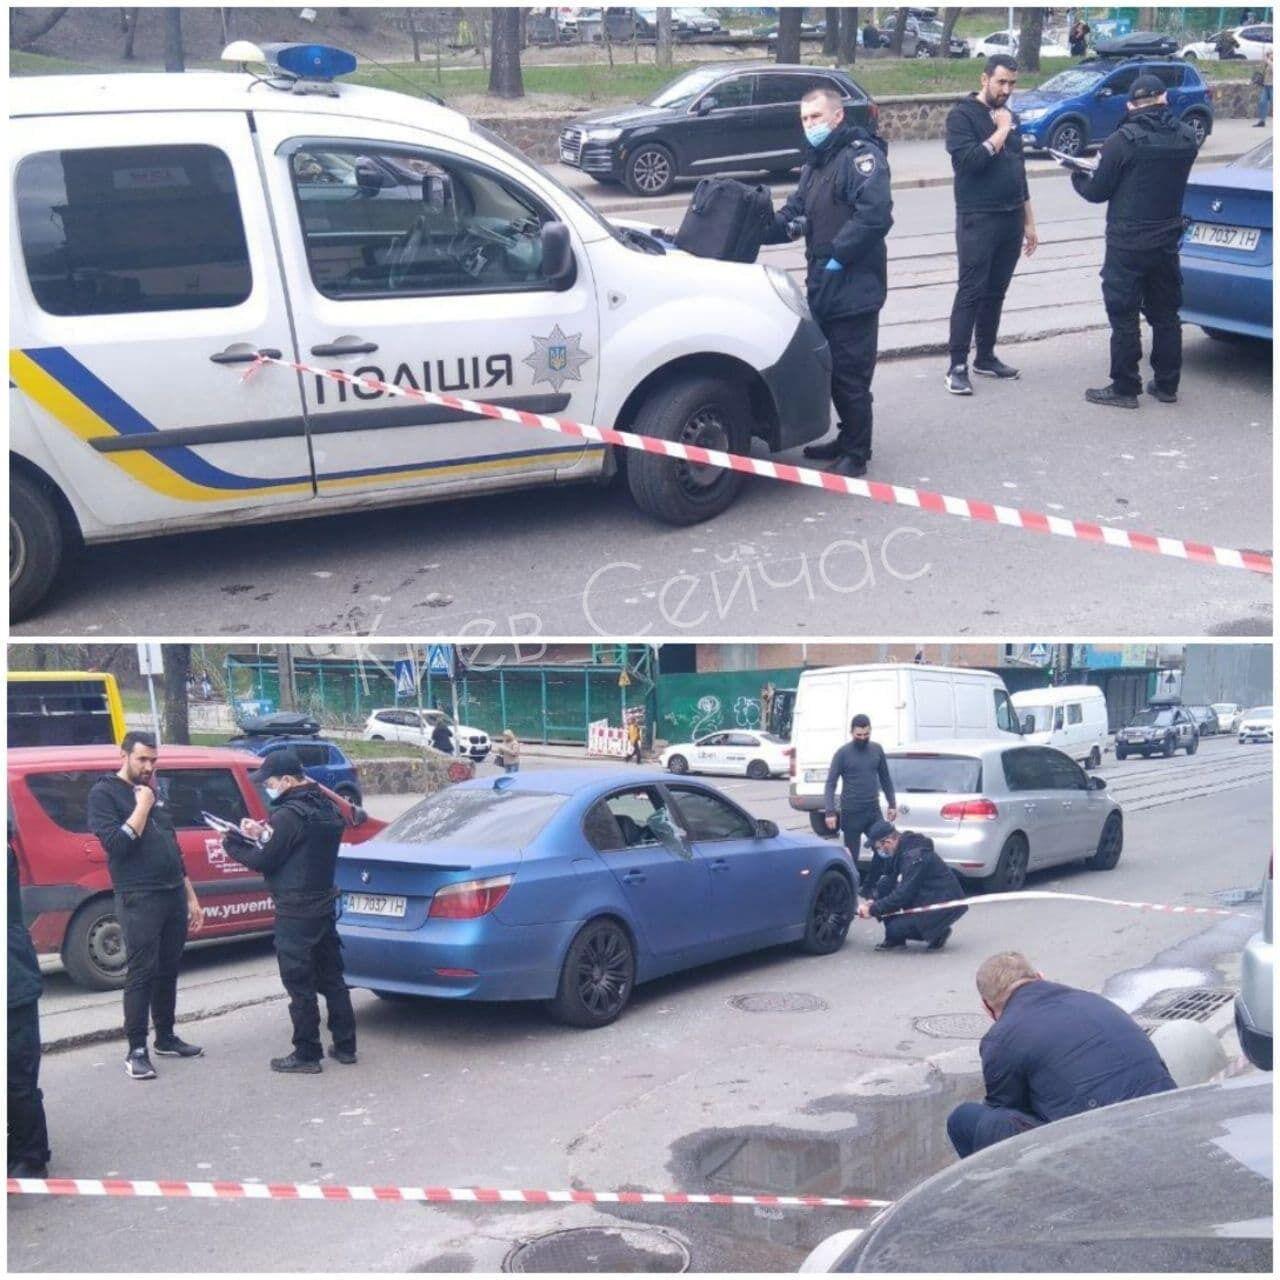 Злочинці розбили скло машини й забрали сумку з грошима.